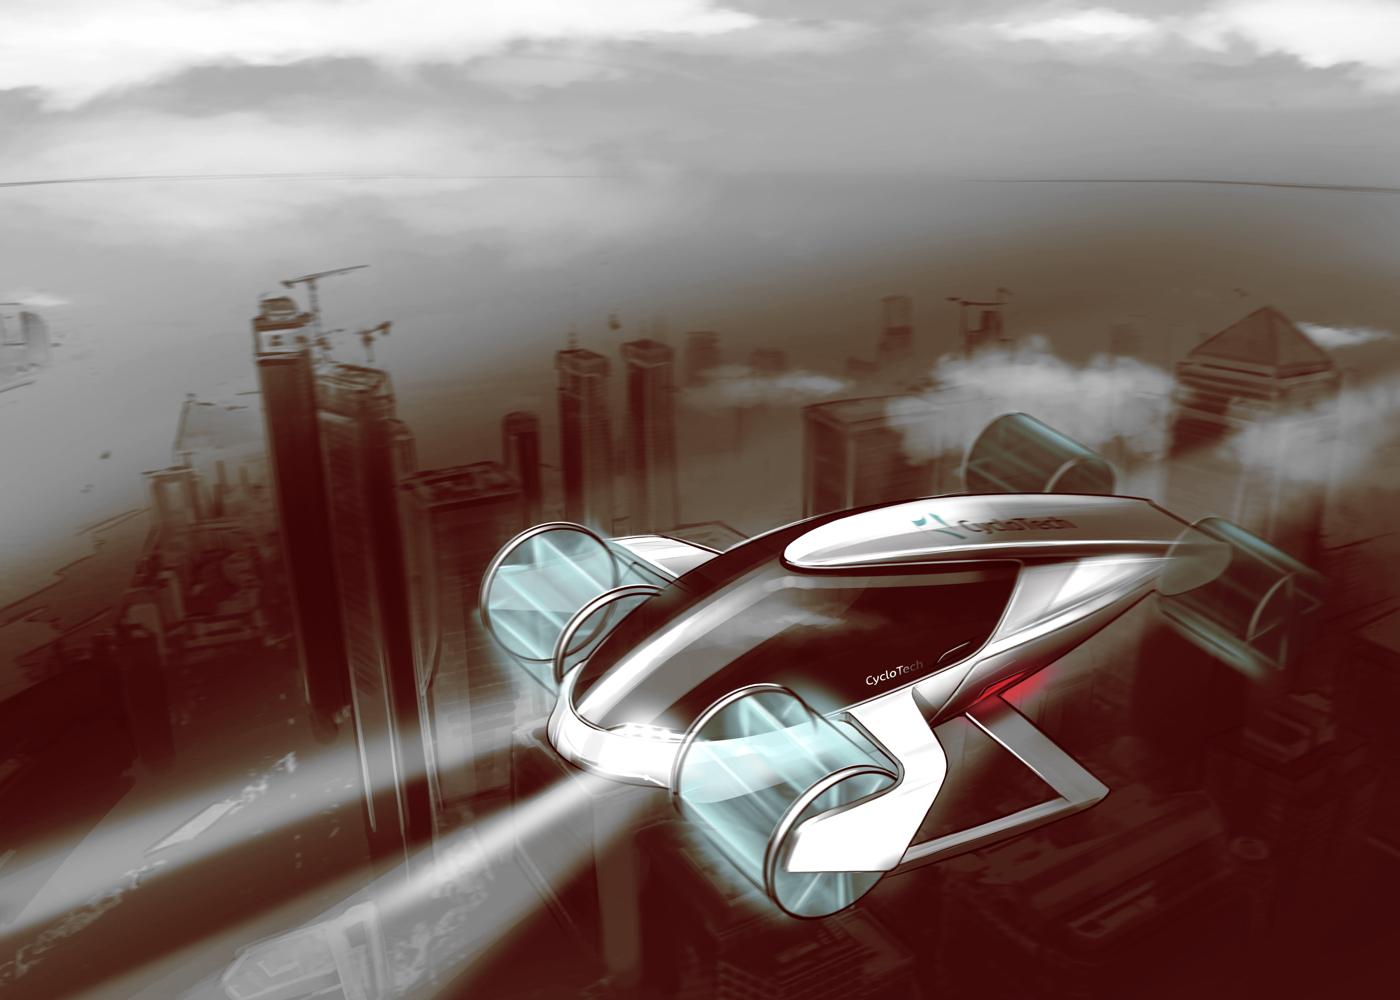 CycloTech eVTOL air taxi concept